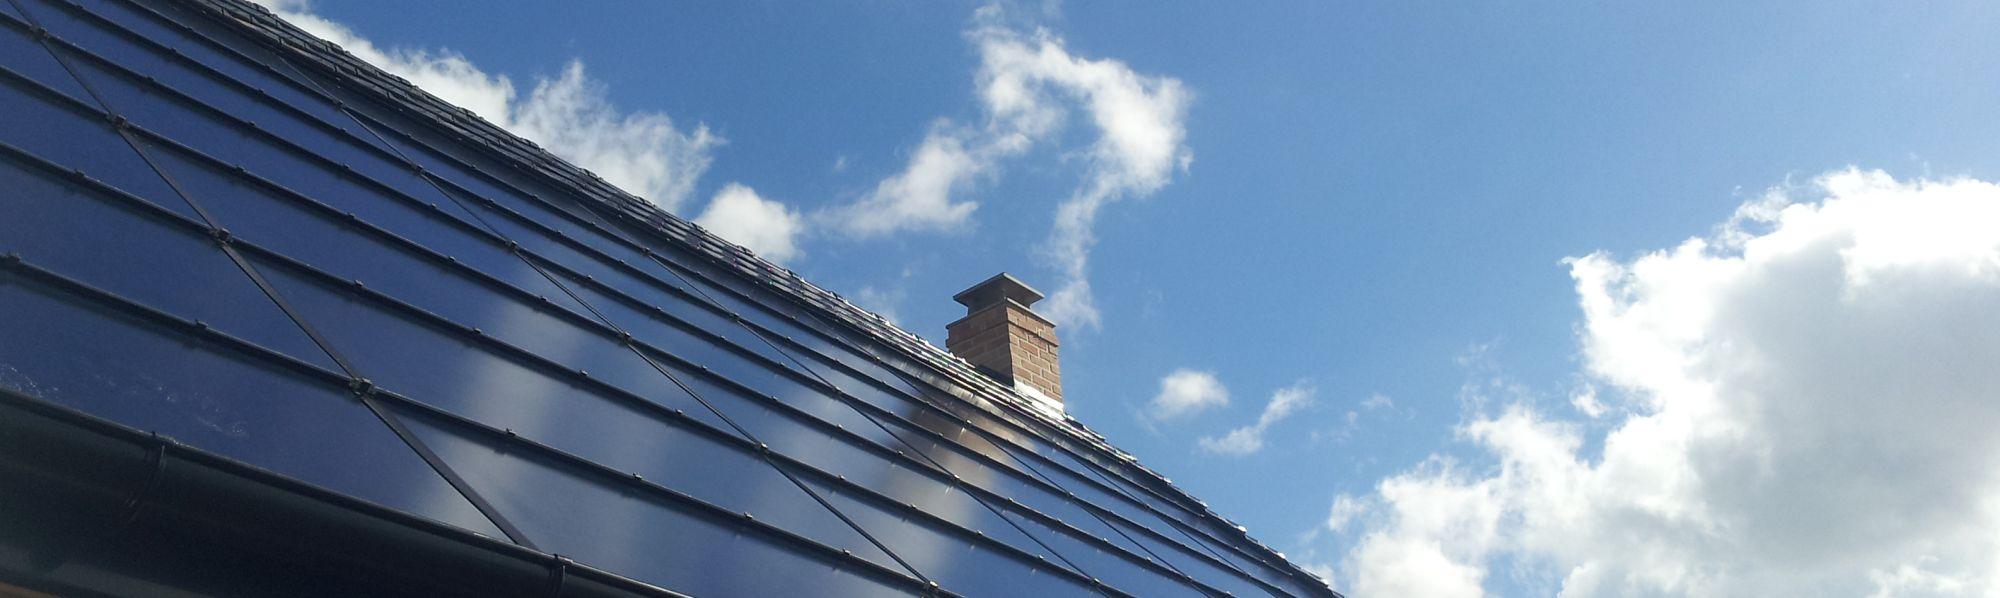 herzeele devis photovoltaique résidentiel